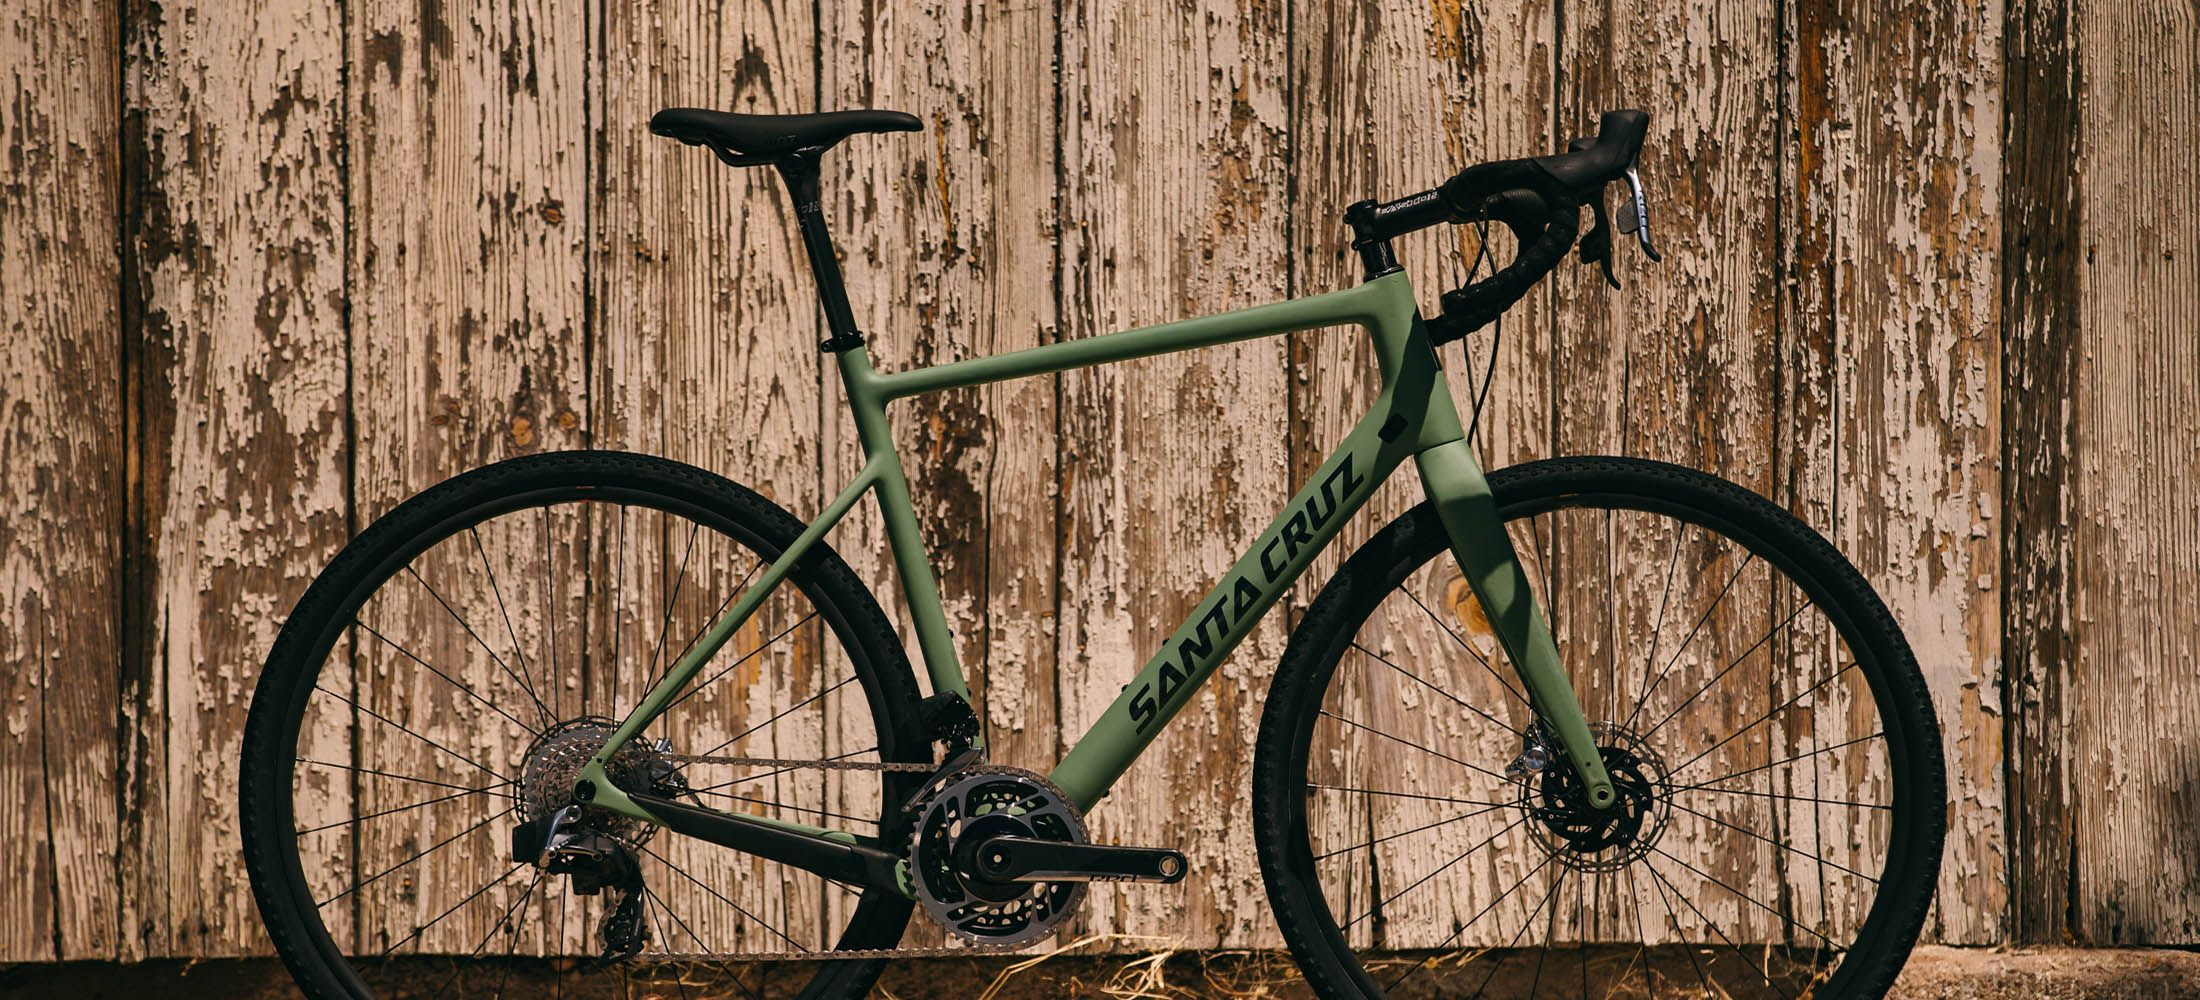 Santa Cruz Bicycles | Gravel Get Down: Gravel Racing & Mixed